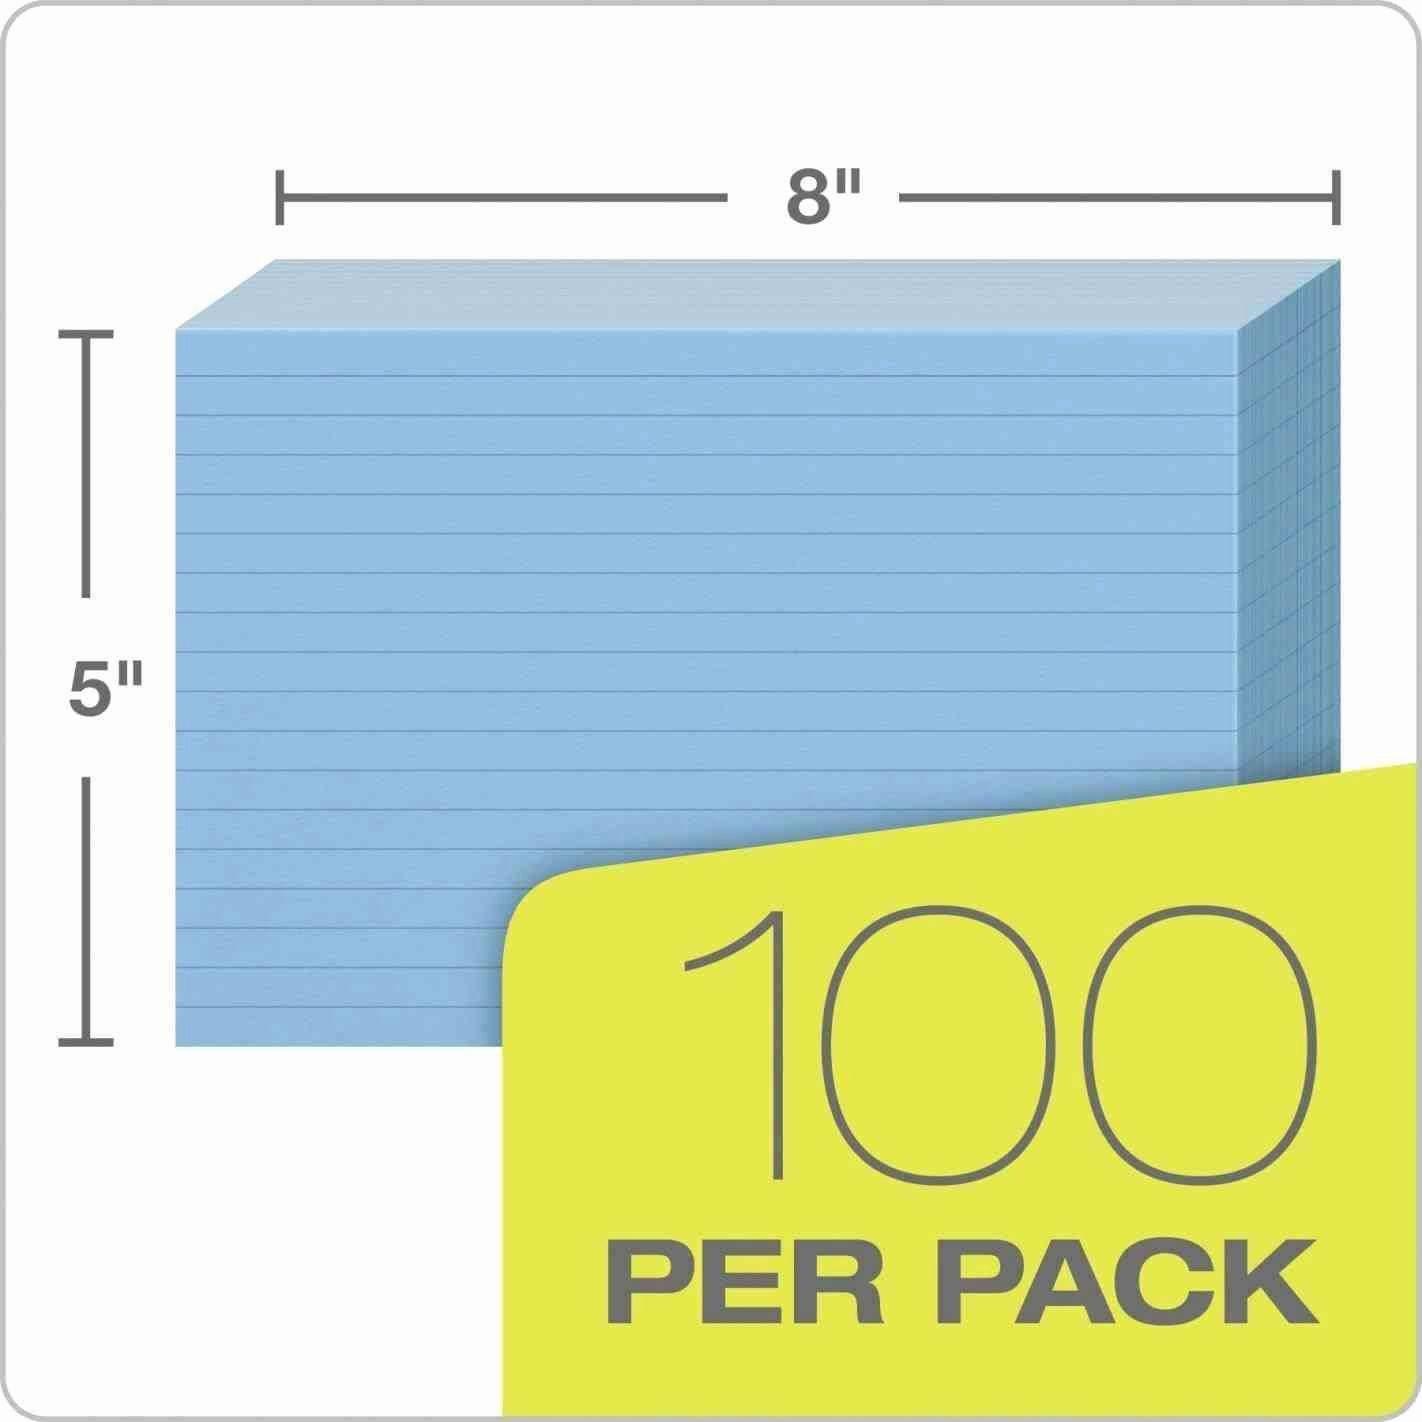 5x8 Index Card Template Inspirational Beautiful Avery 5x8 Index Card Template Card Template Business Card Template Design Printable Business Cards